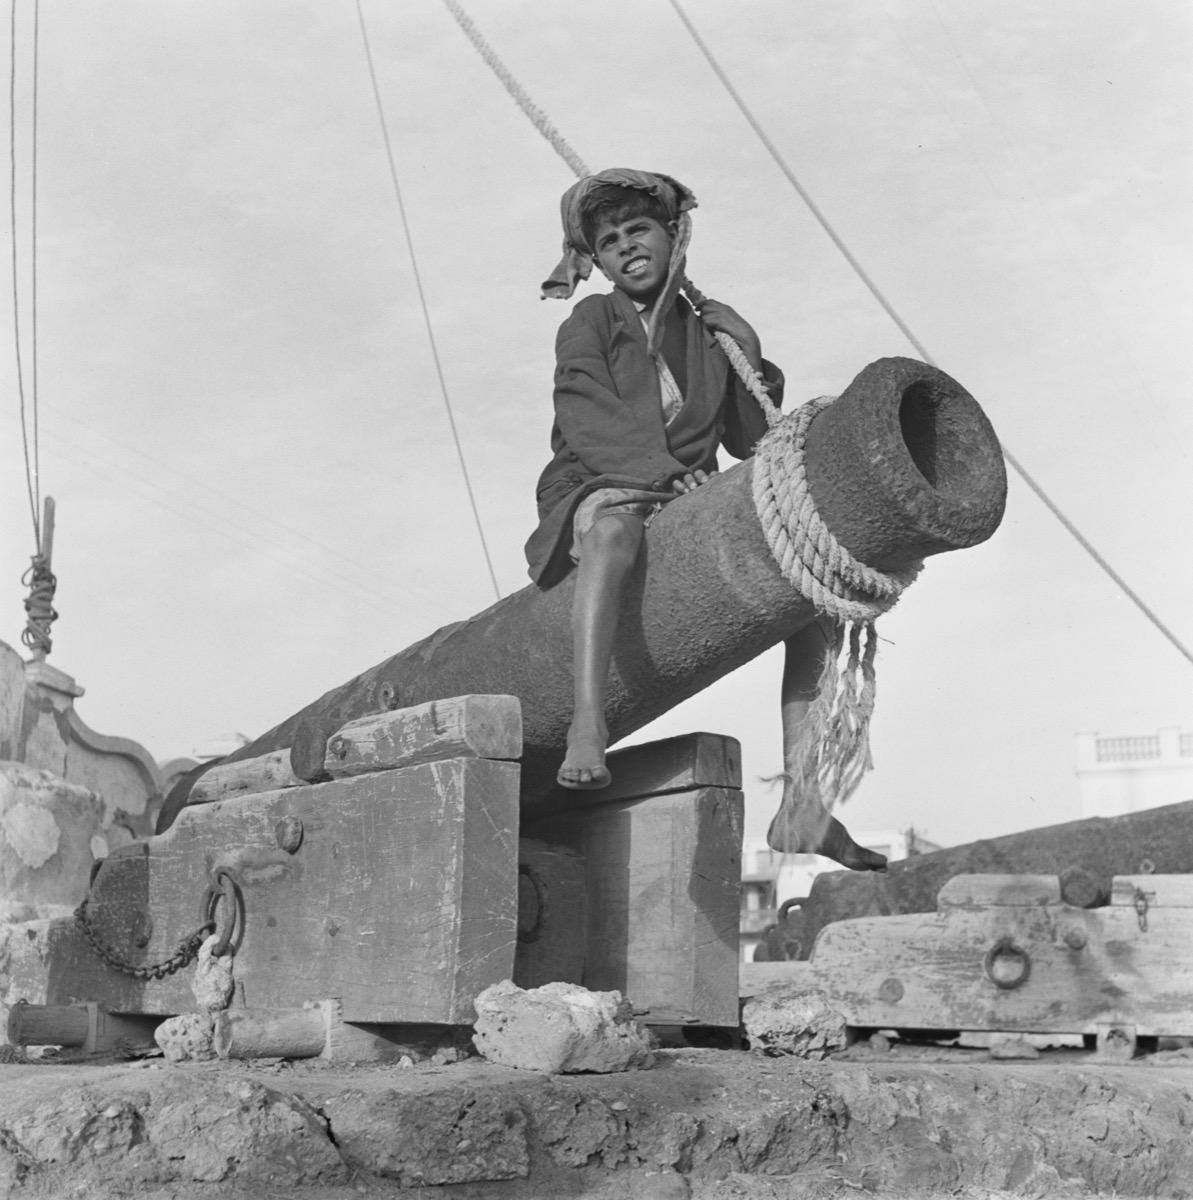 صورة رائعة لصبي يجلس فوق مدفع في ميناء الدمام